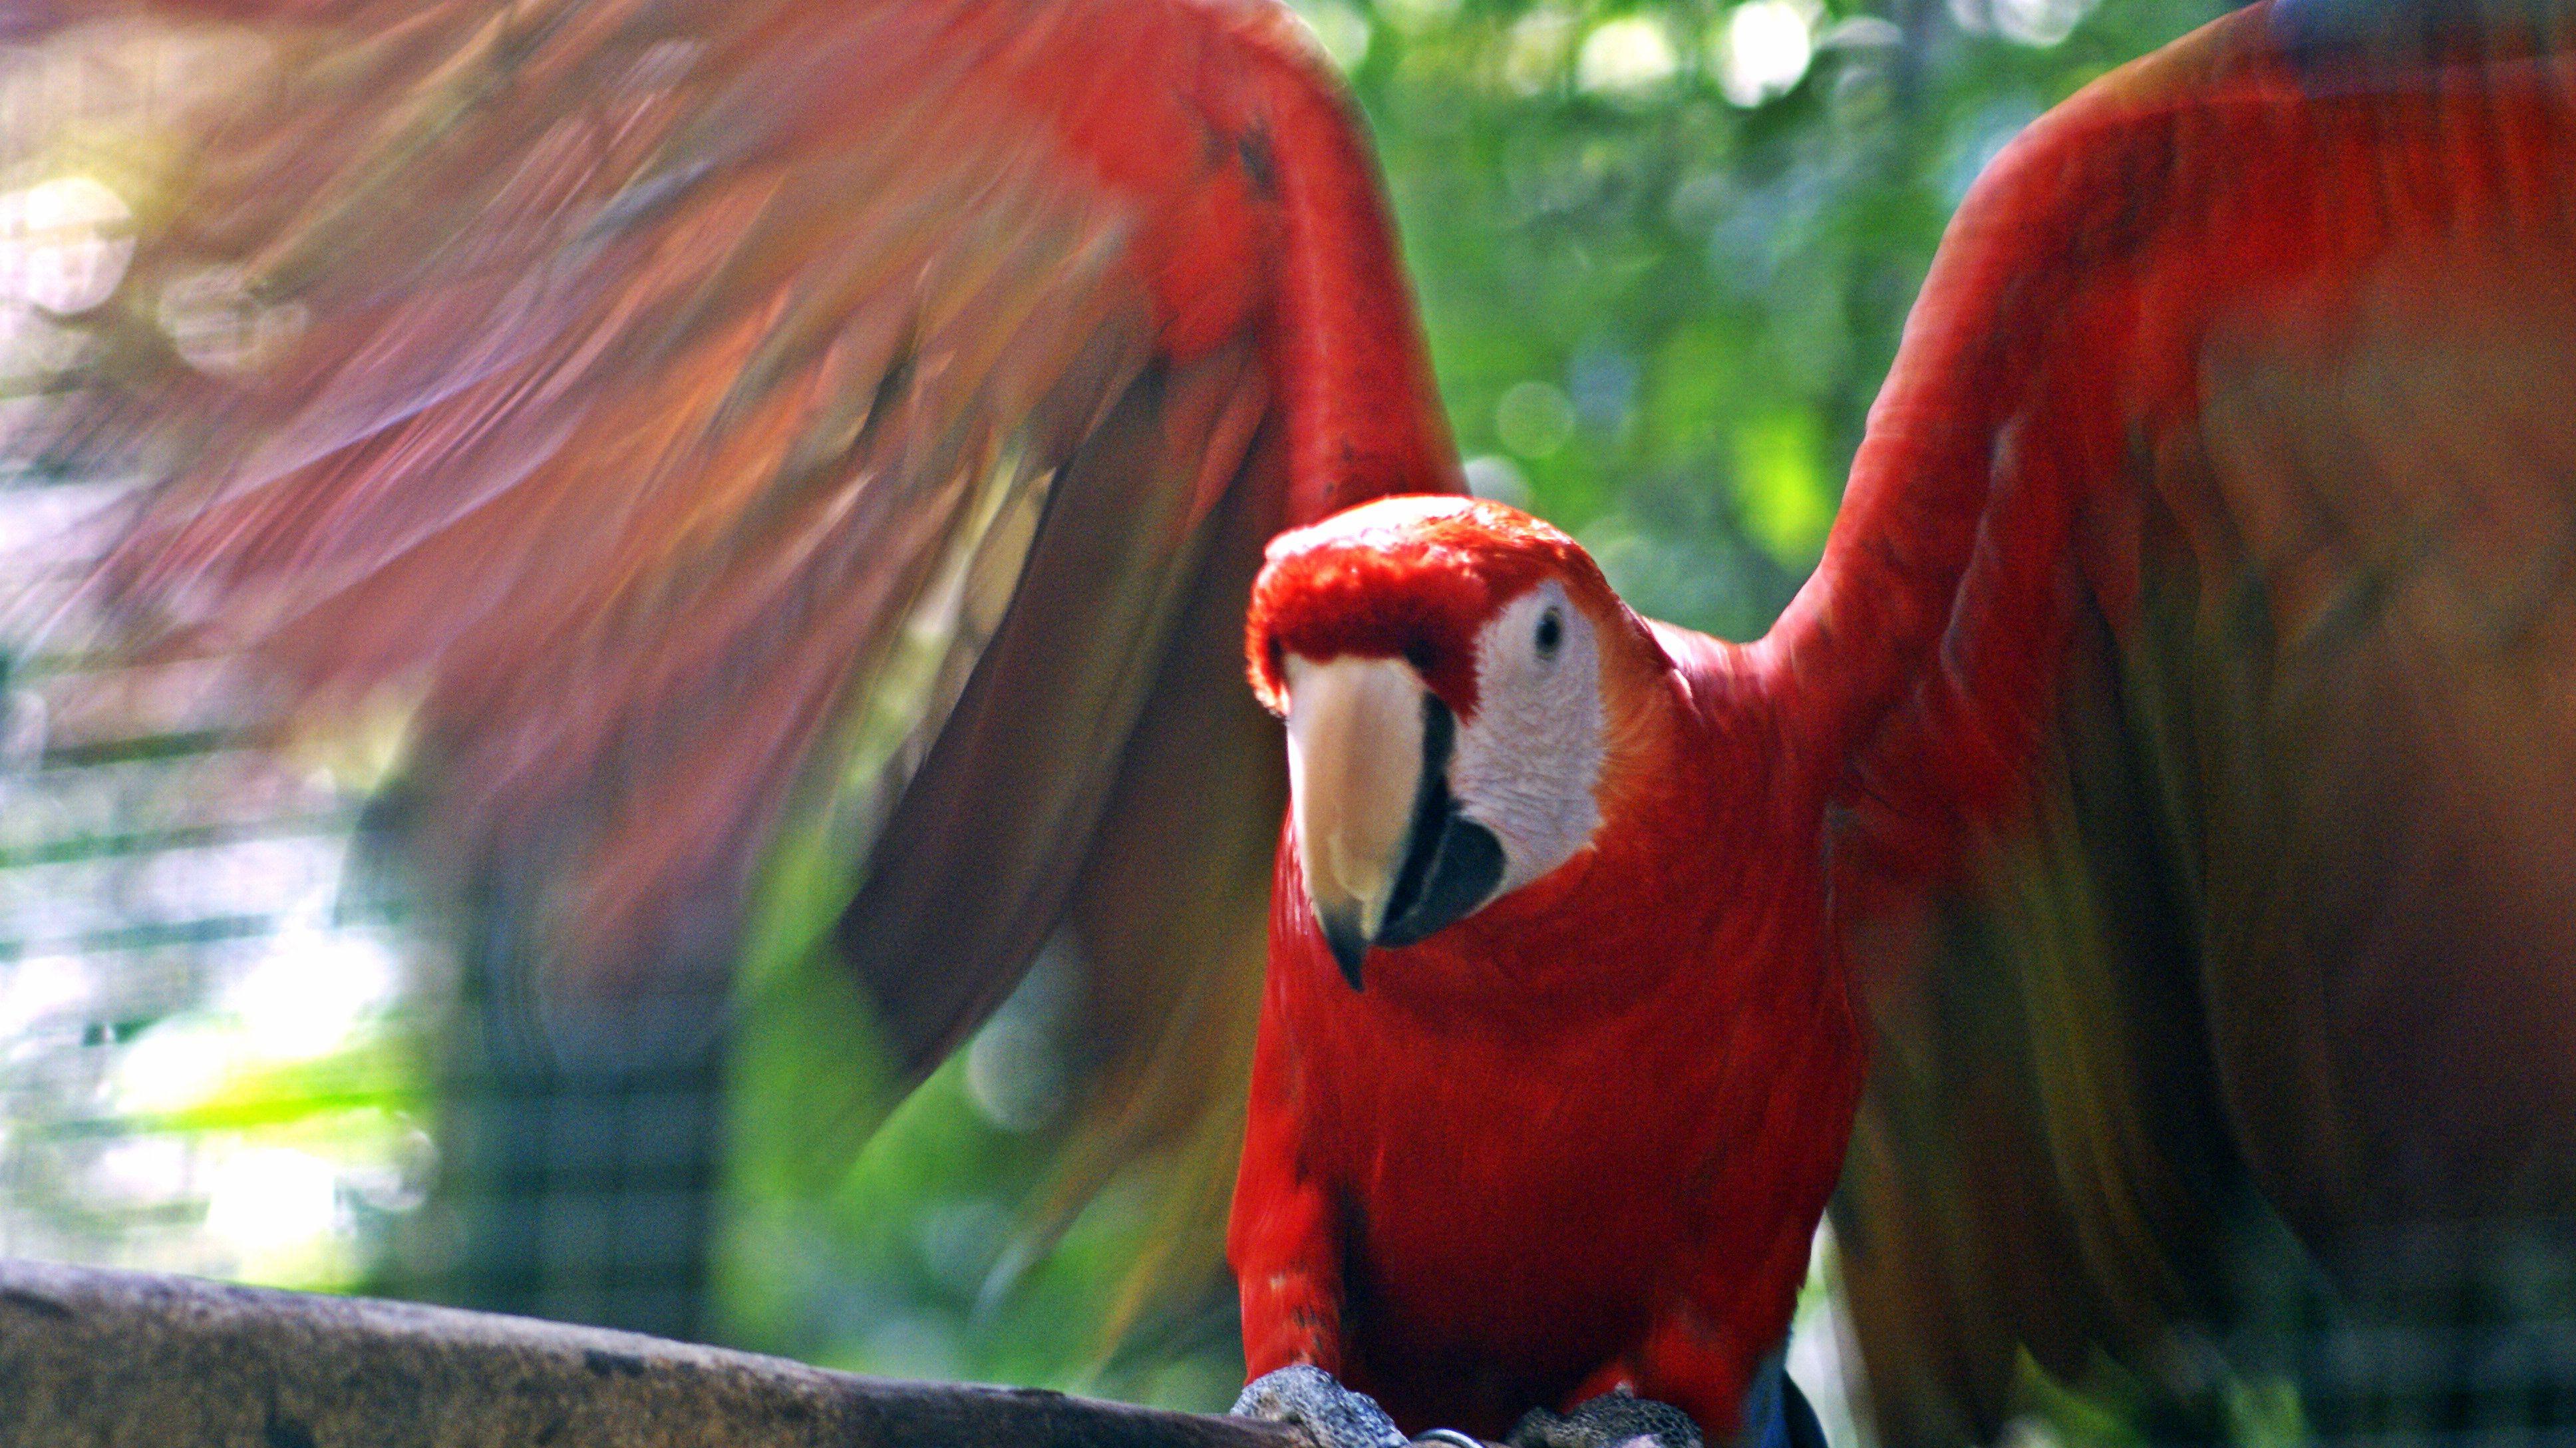 Encontrado en tumblr, tomado por Sem Brignoli en el parque de aves de Copan.